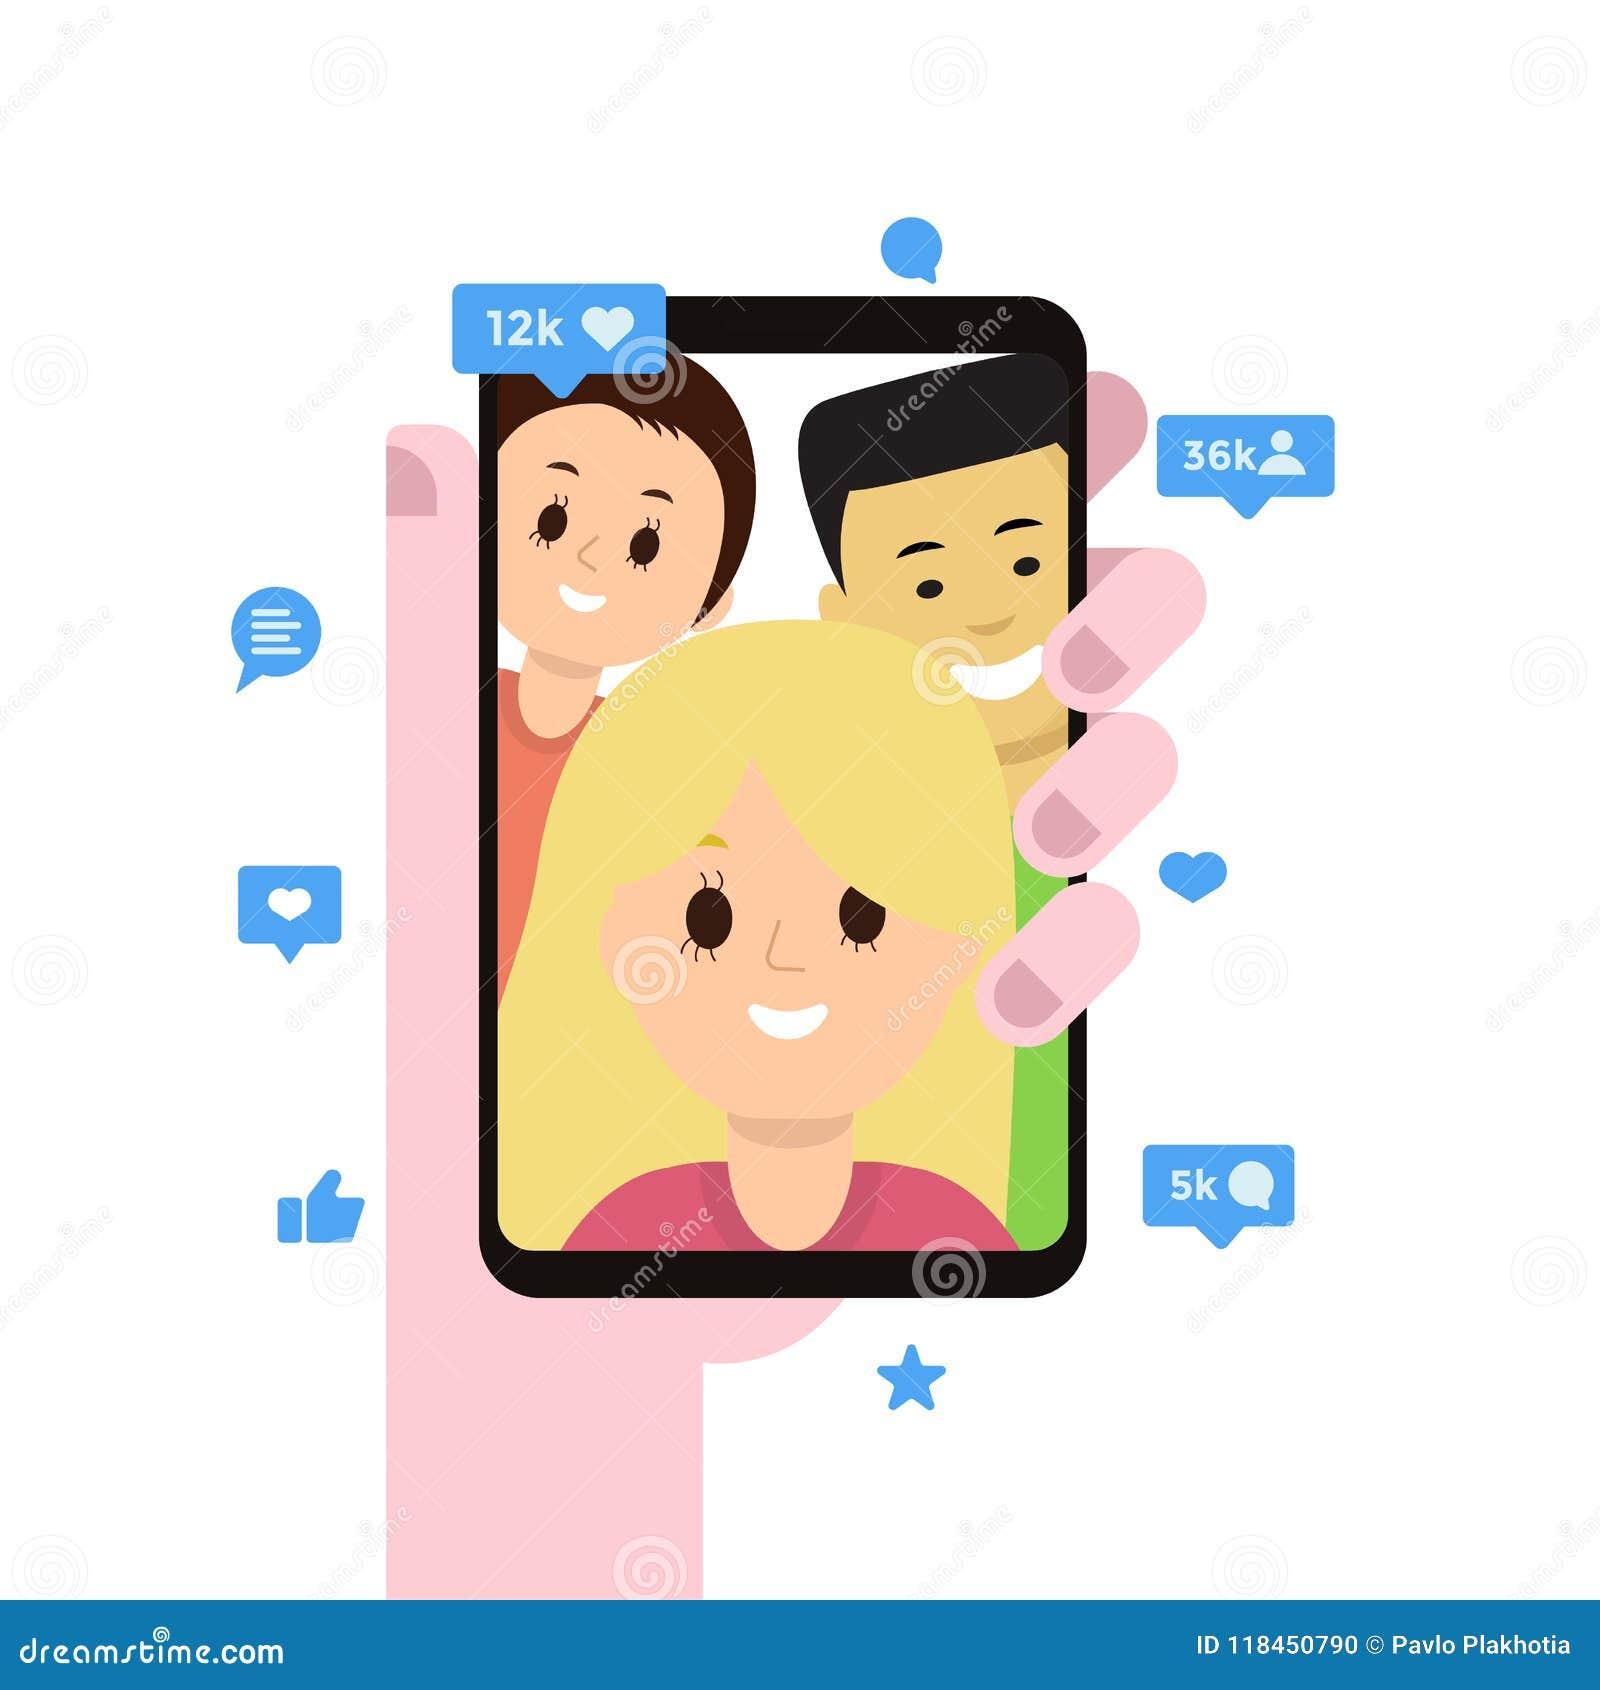 social friendship app